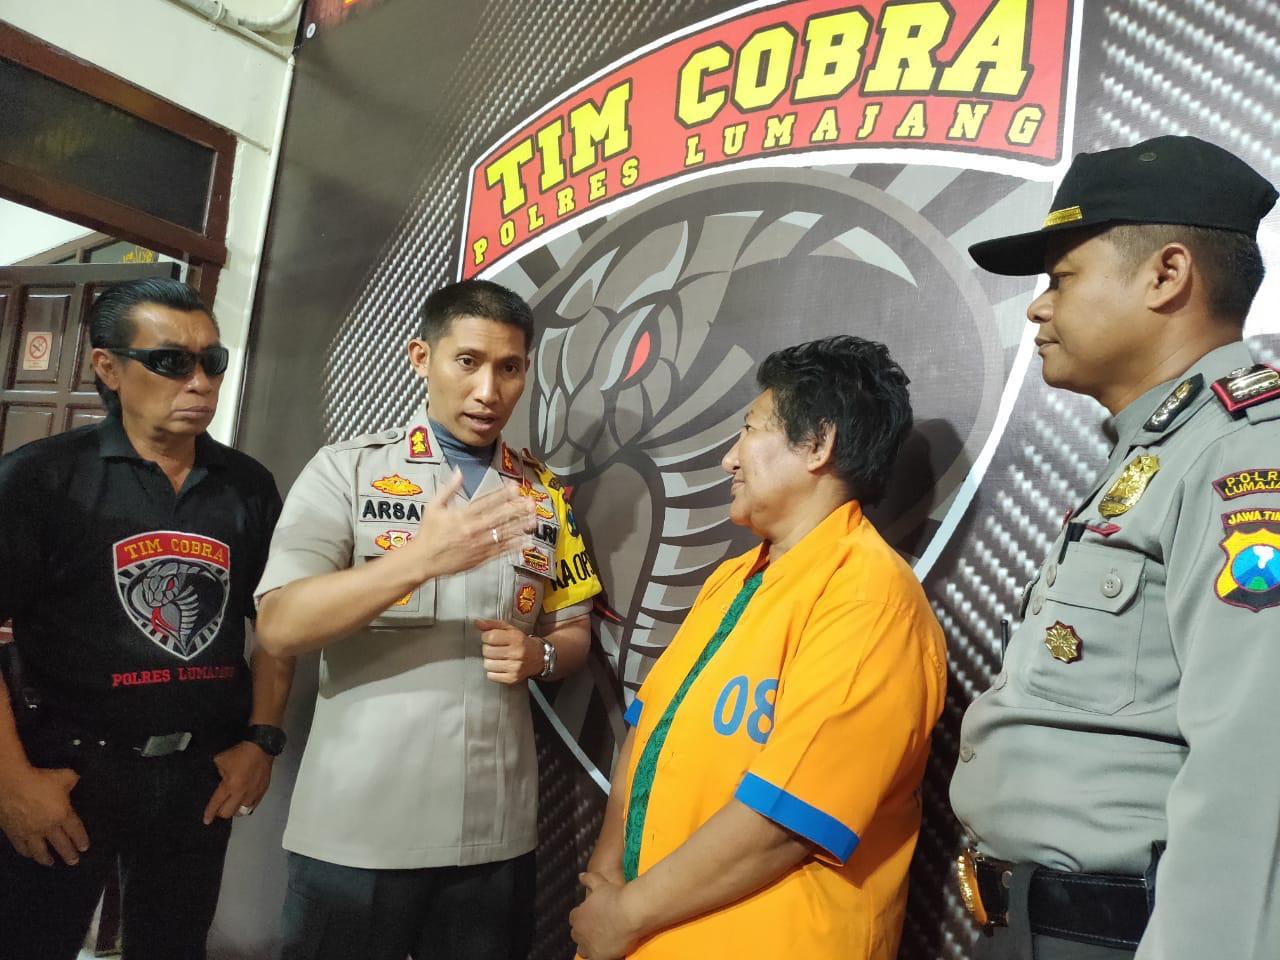 Tipu Tuhan, Retno Ditangkap Warga dan Diserahkan ke Tim Cobra Lumajang